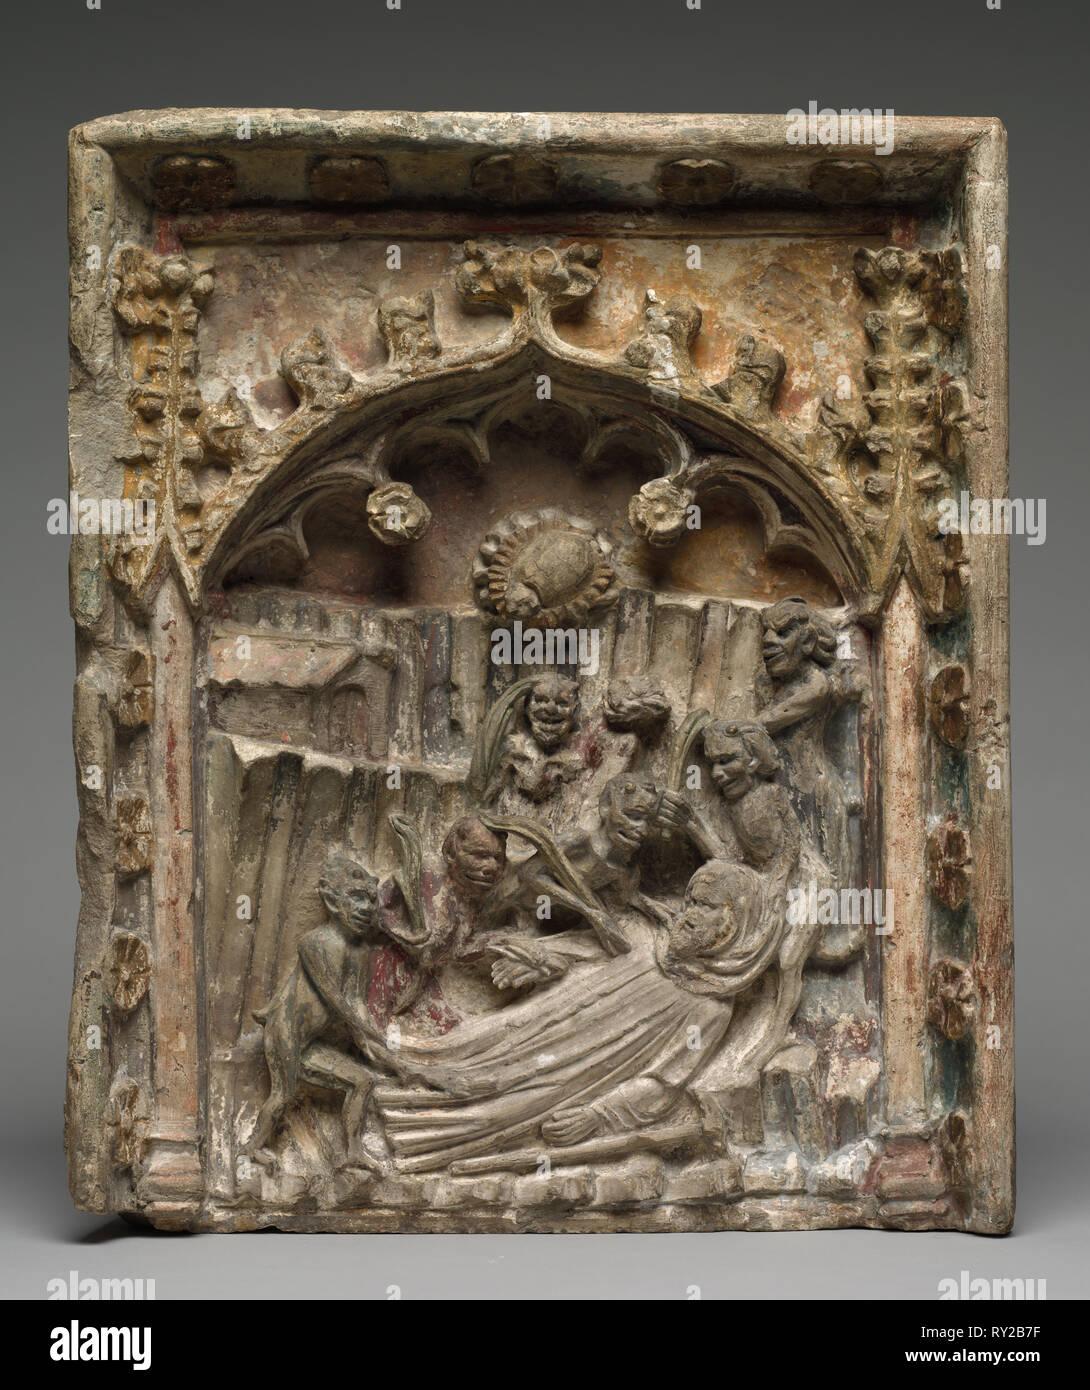 La Tentation de Saint Antoine d'Égypte, ch. Années 1400. La France, ch. 15e siècle. Pierre; total: 46,4 x 38,6 cm (18 1/4 x 15 3/16 po Photo Stock